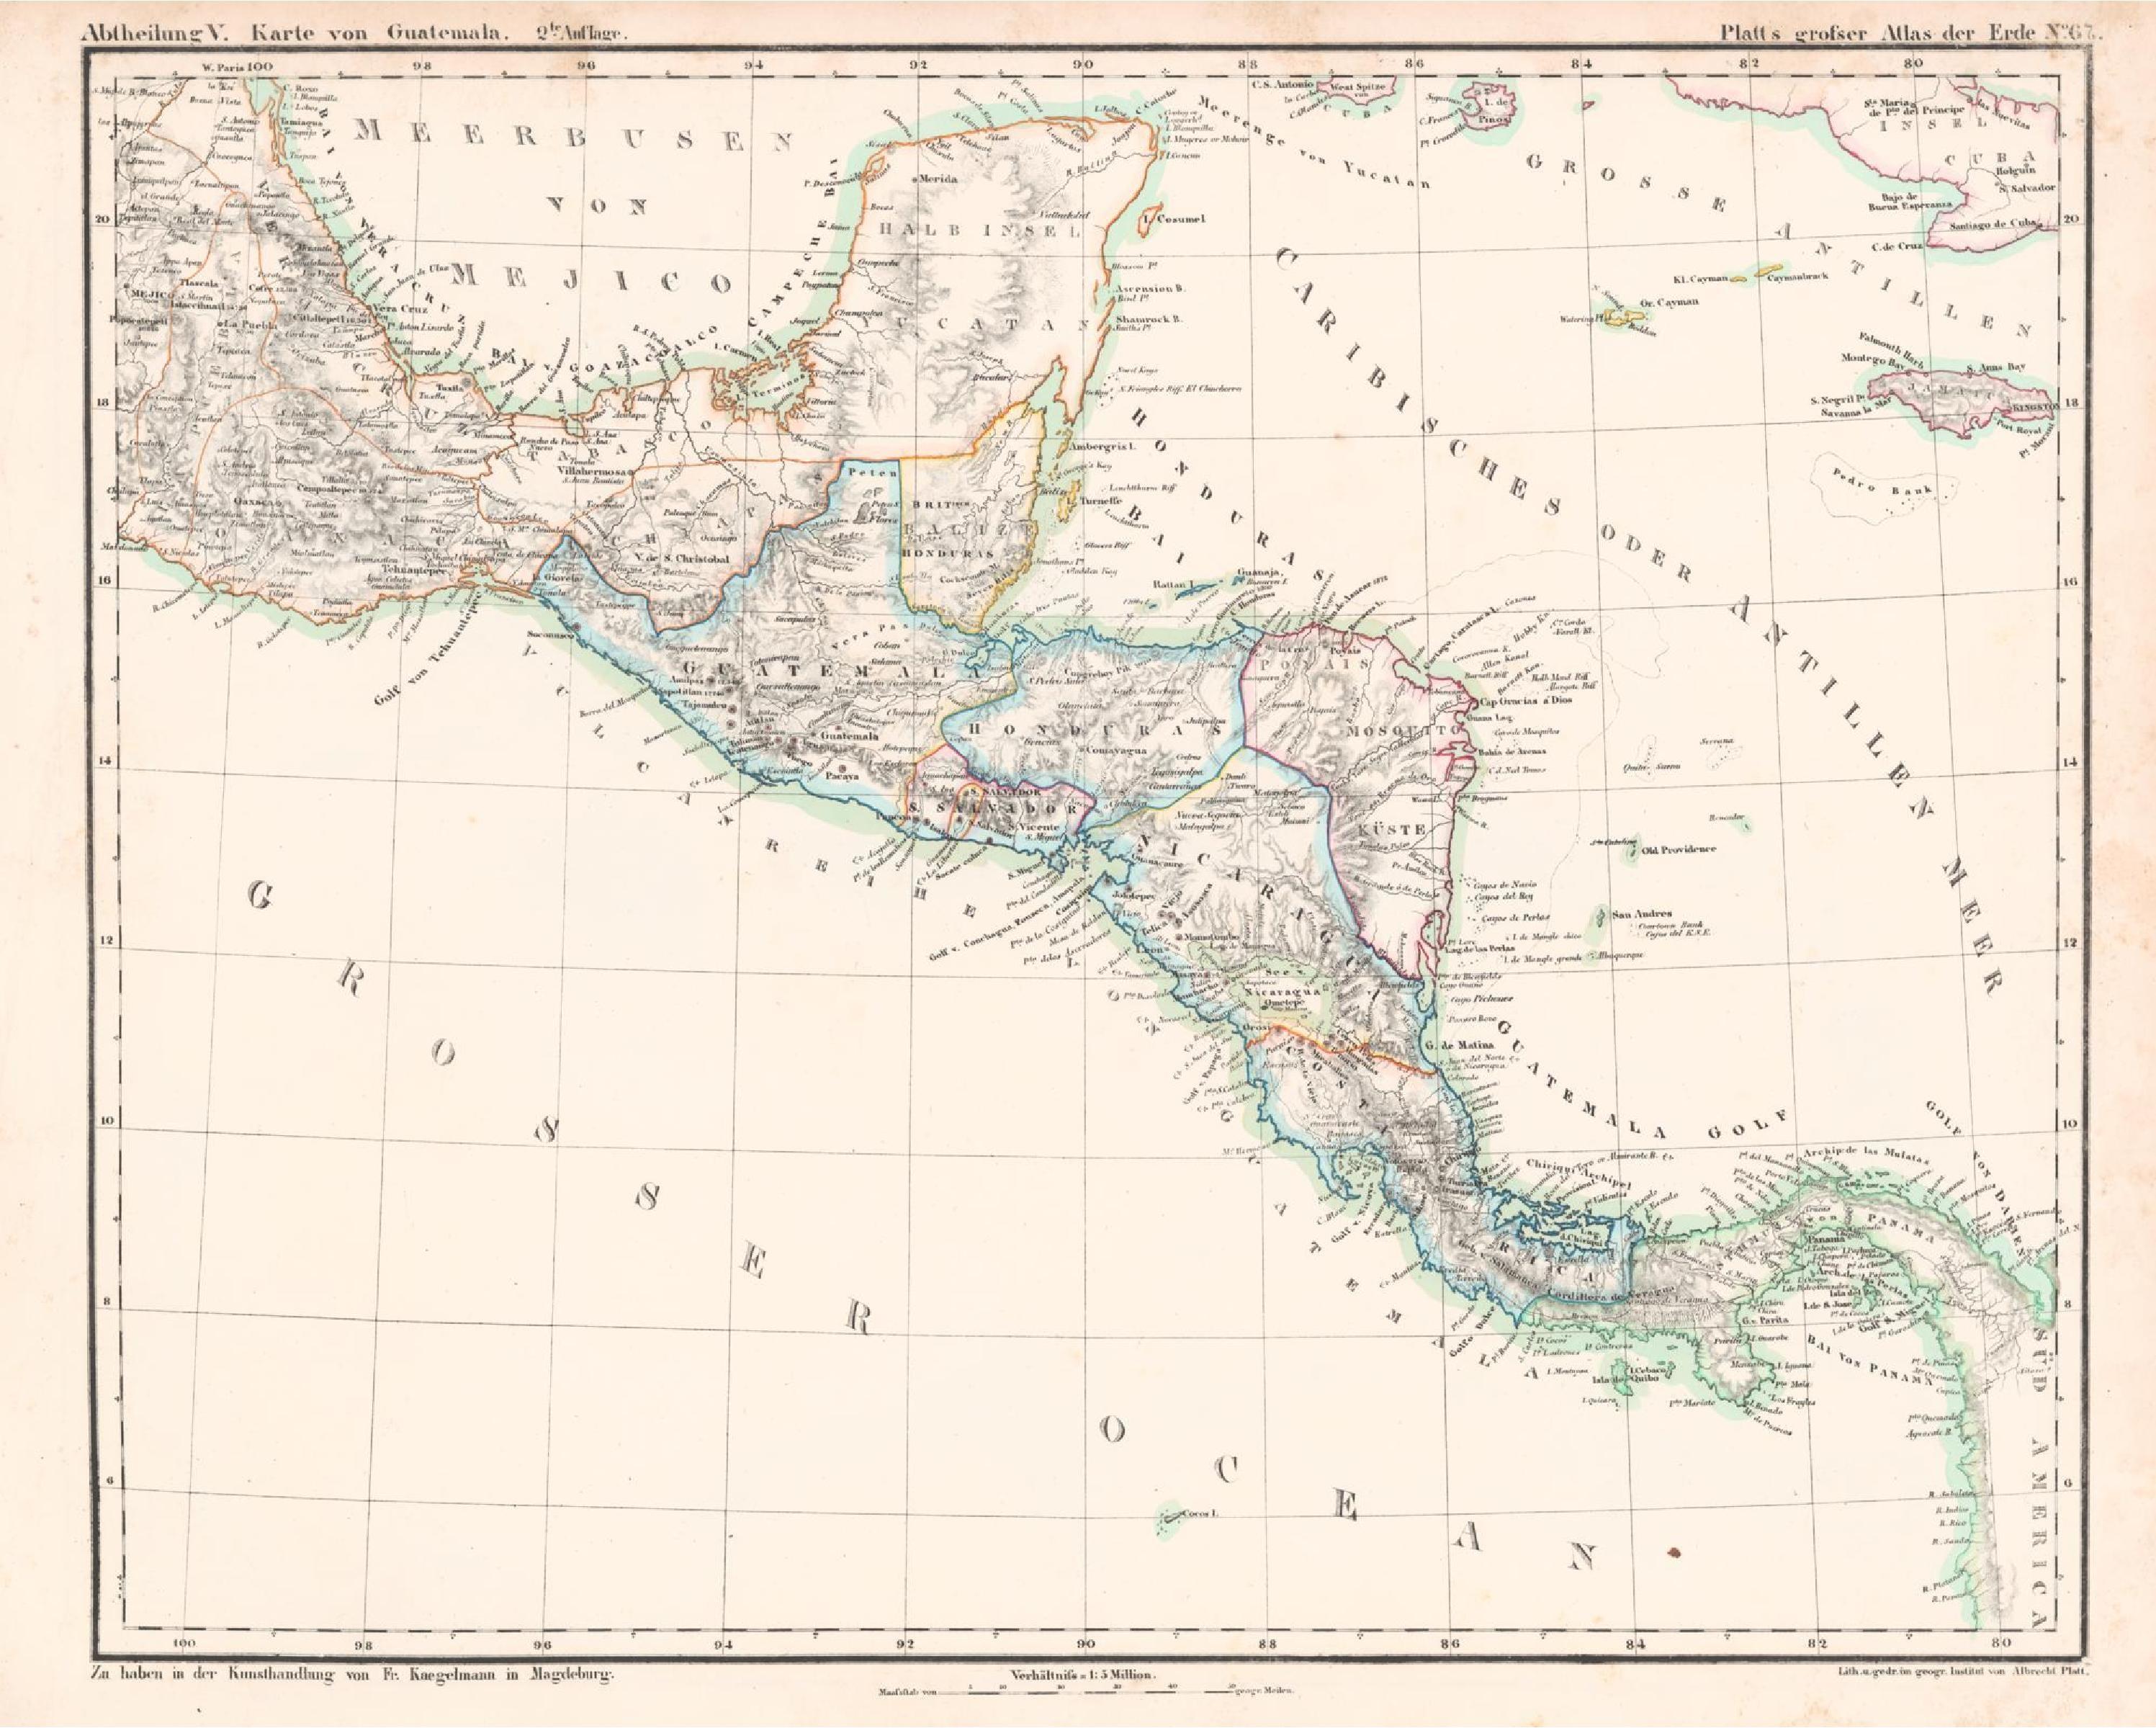 Guatemala Karte.File Karte Von Guatemala Platt 1848 Pdf Wikimedia Commons